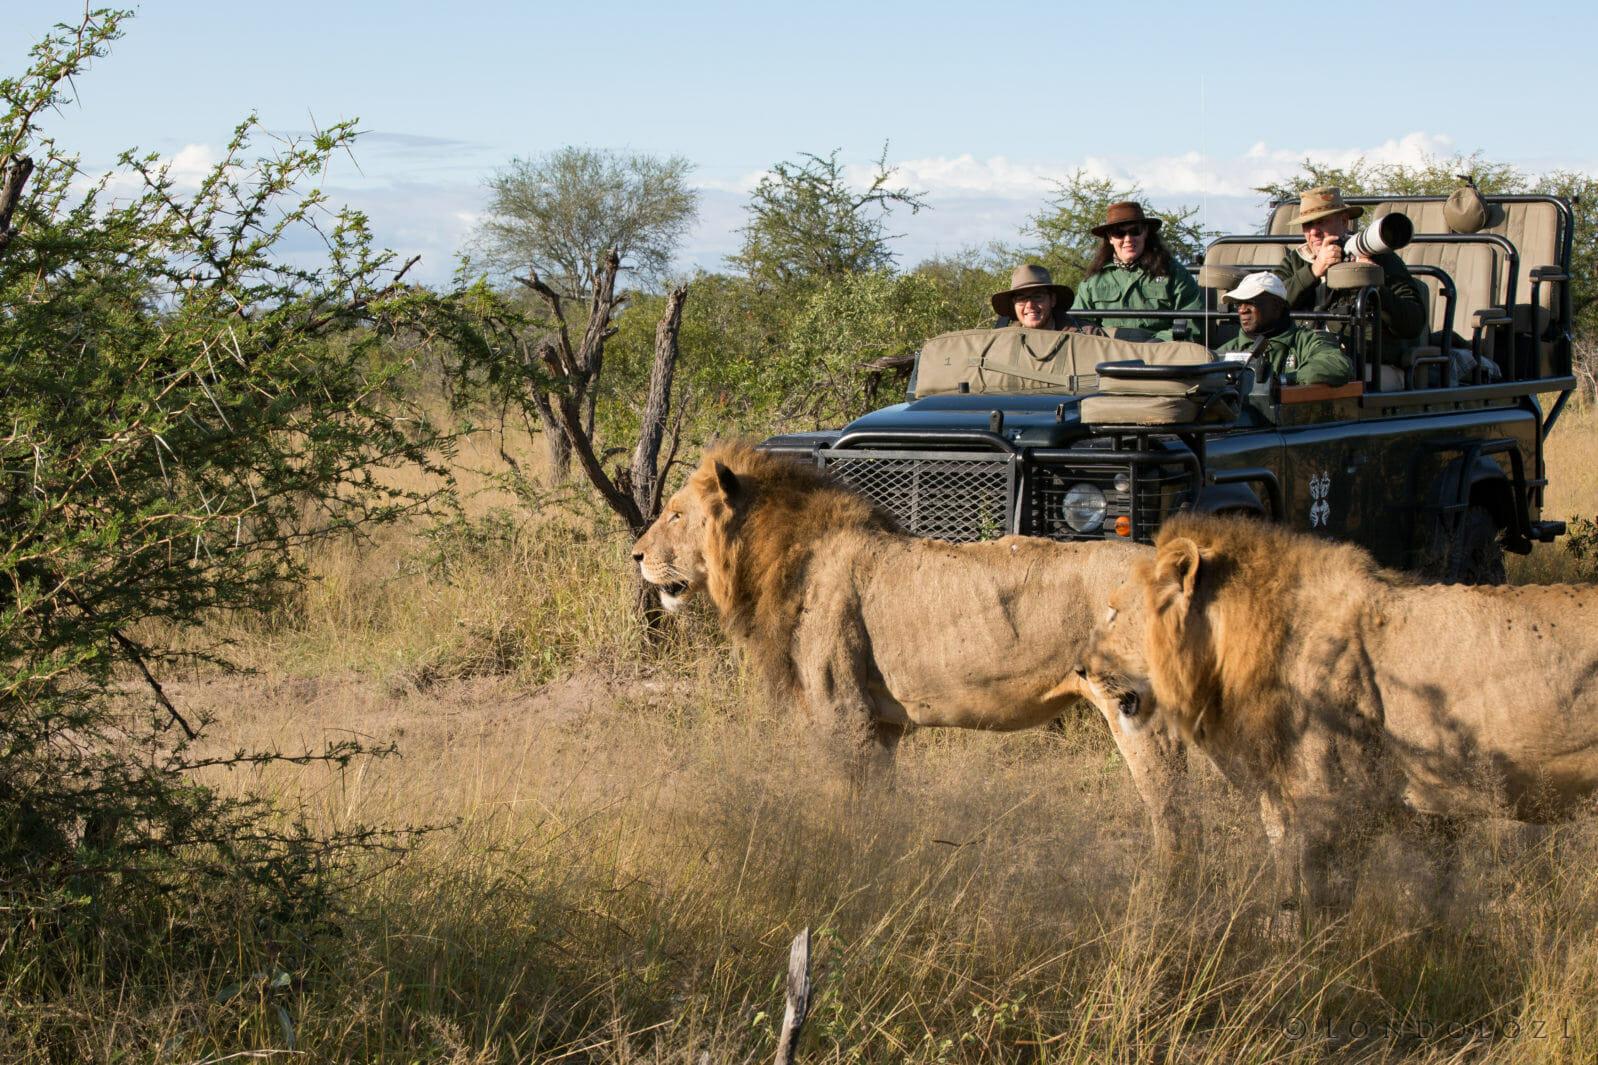 Tsalala Male Lions Jt 4